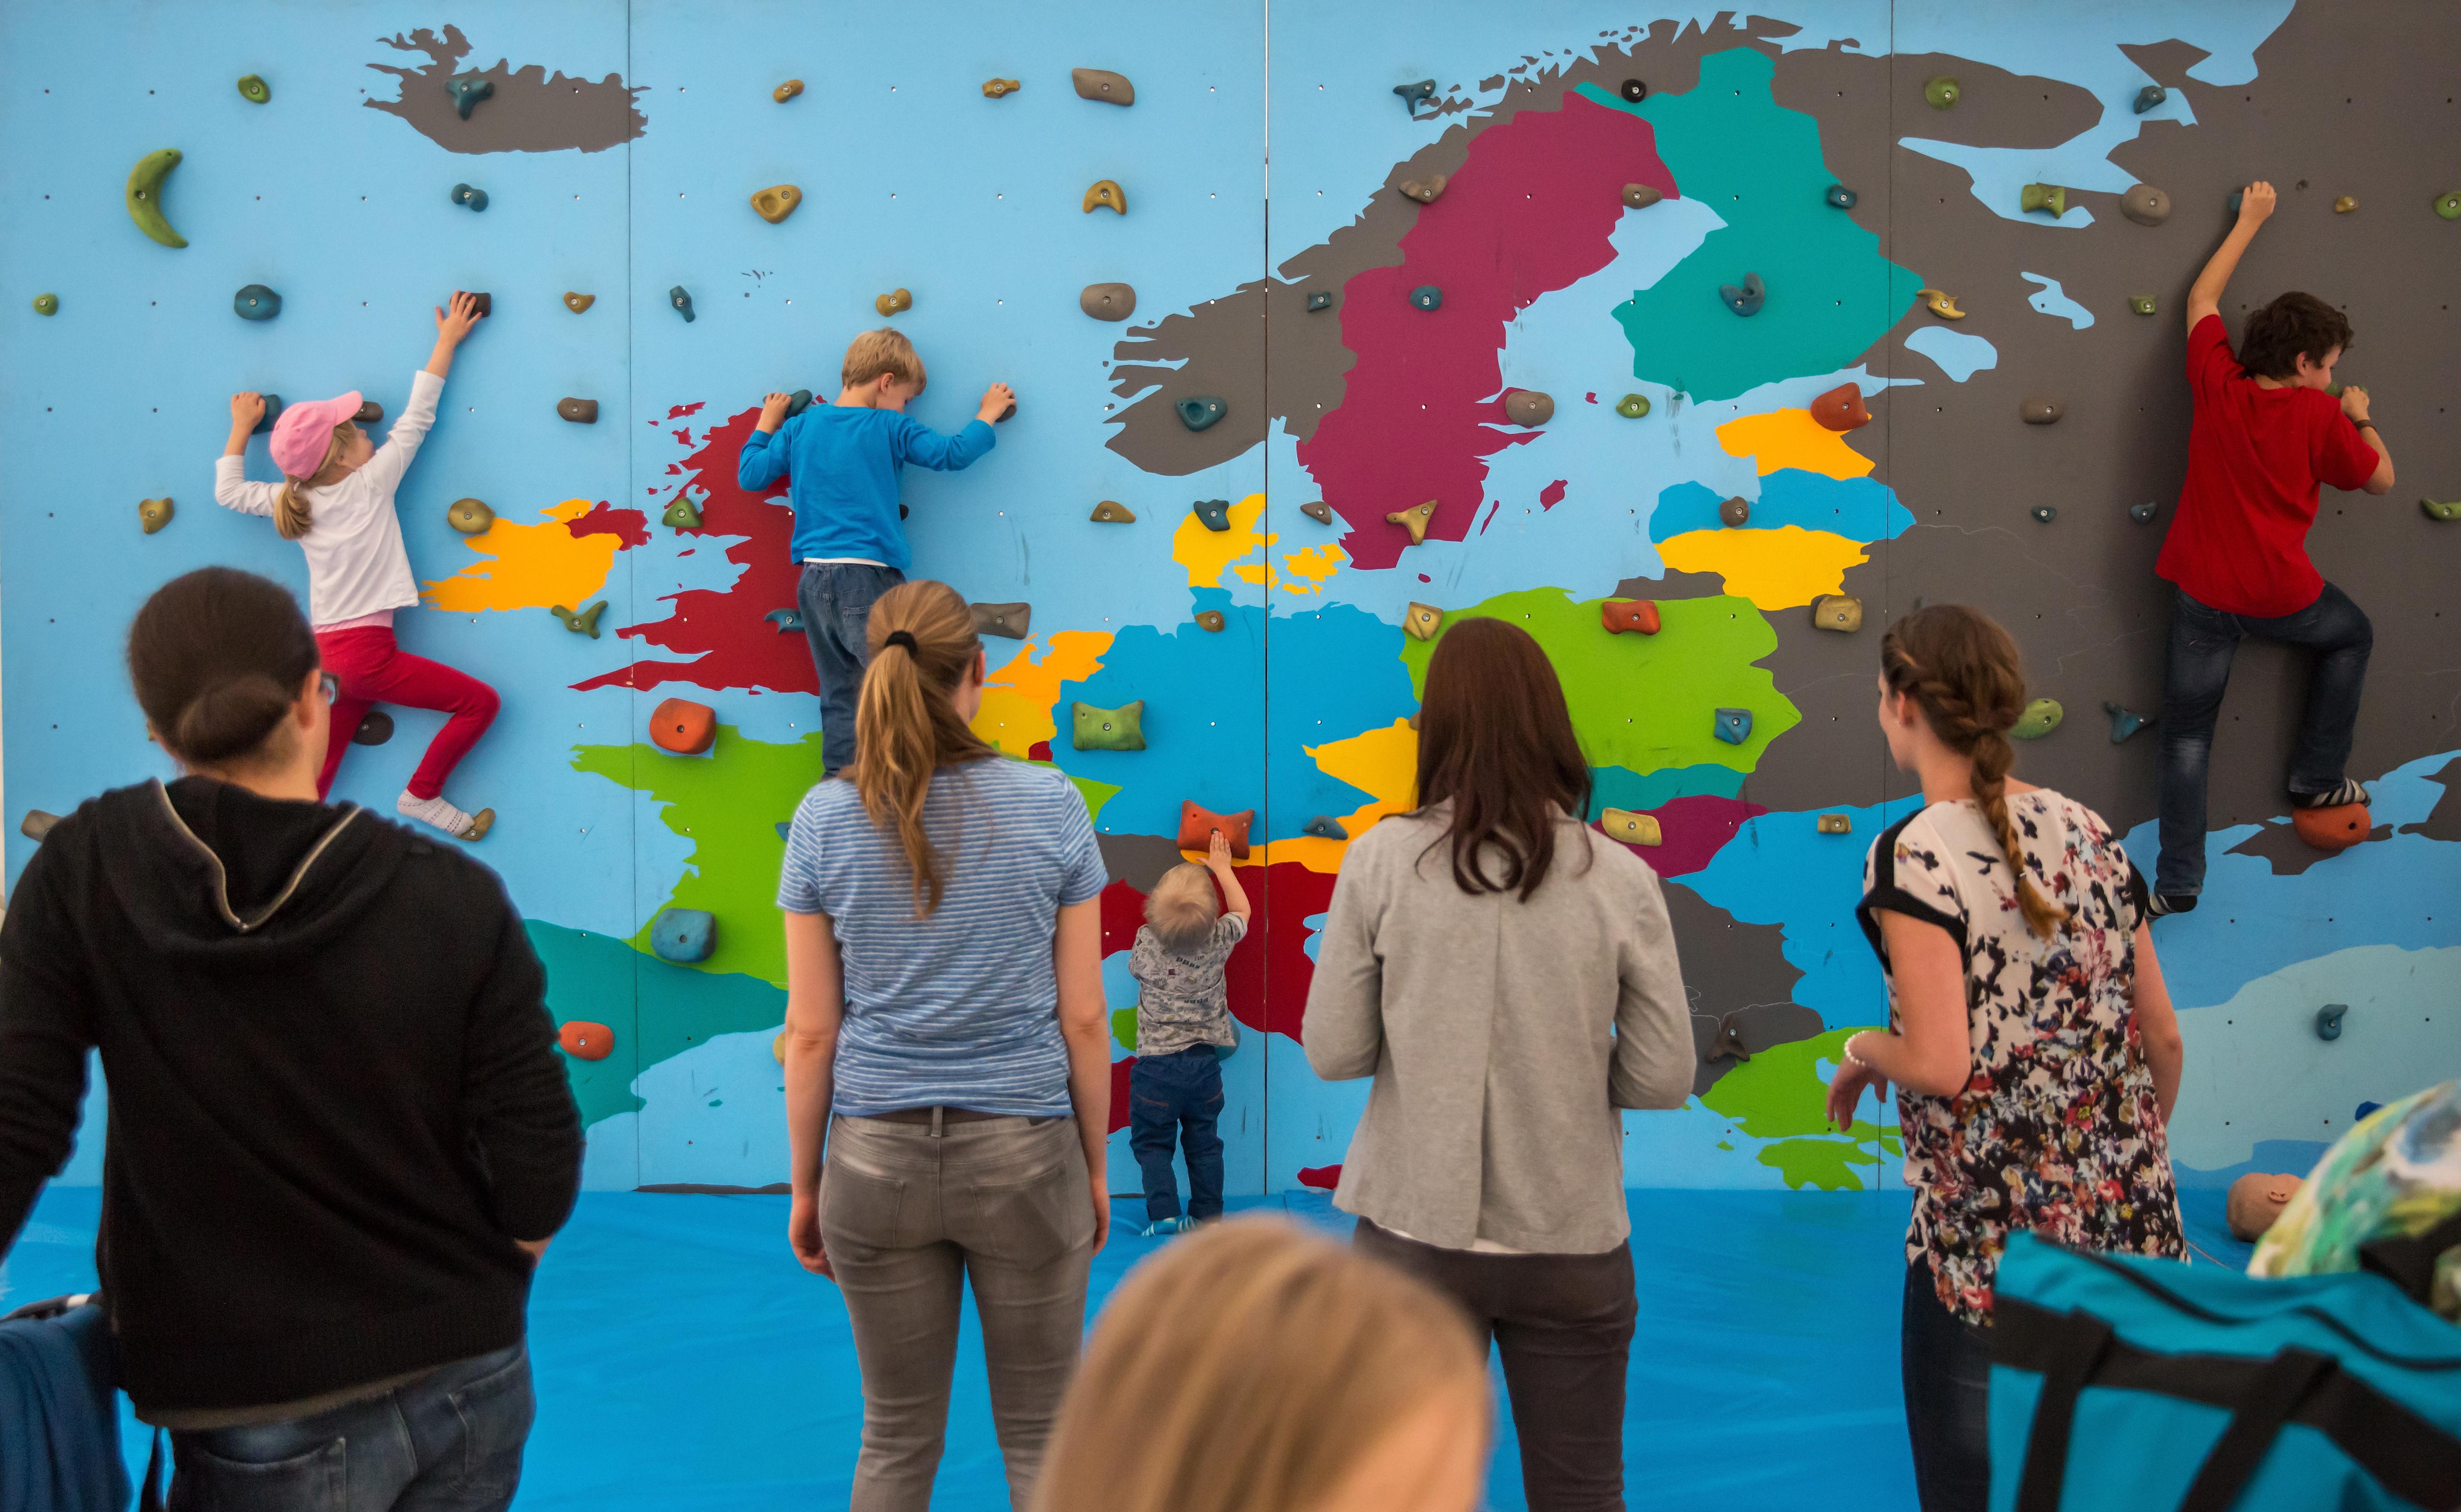 Klettergurt Kinder Petzl : Mit kindern klettern darauf sollten eltern achten